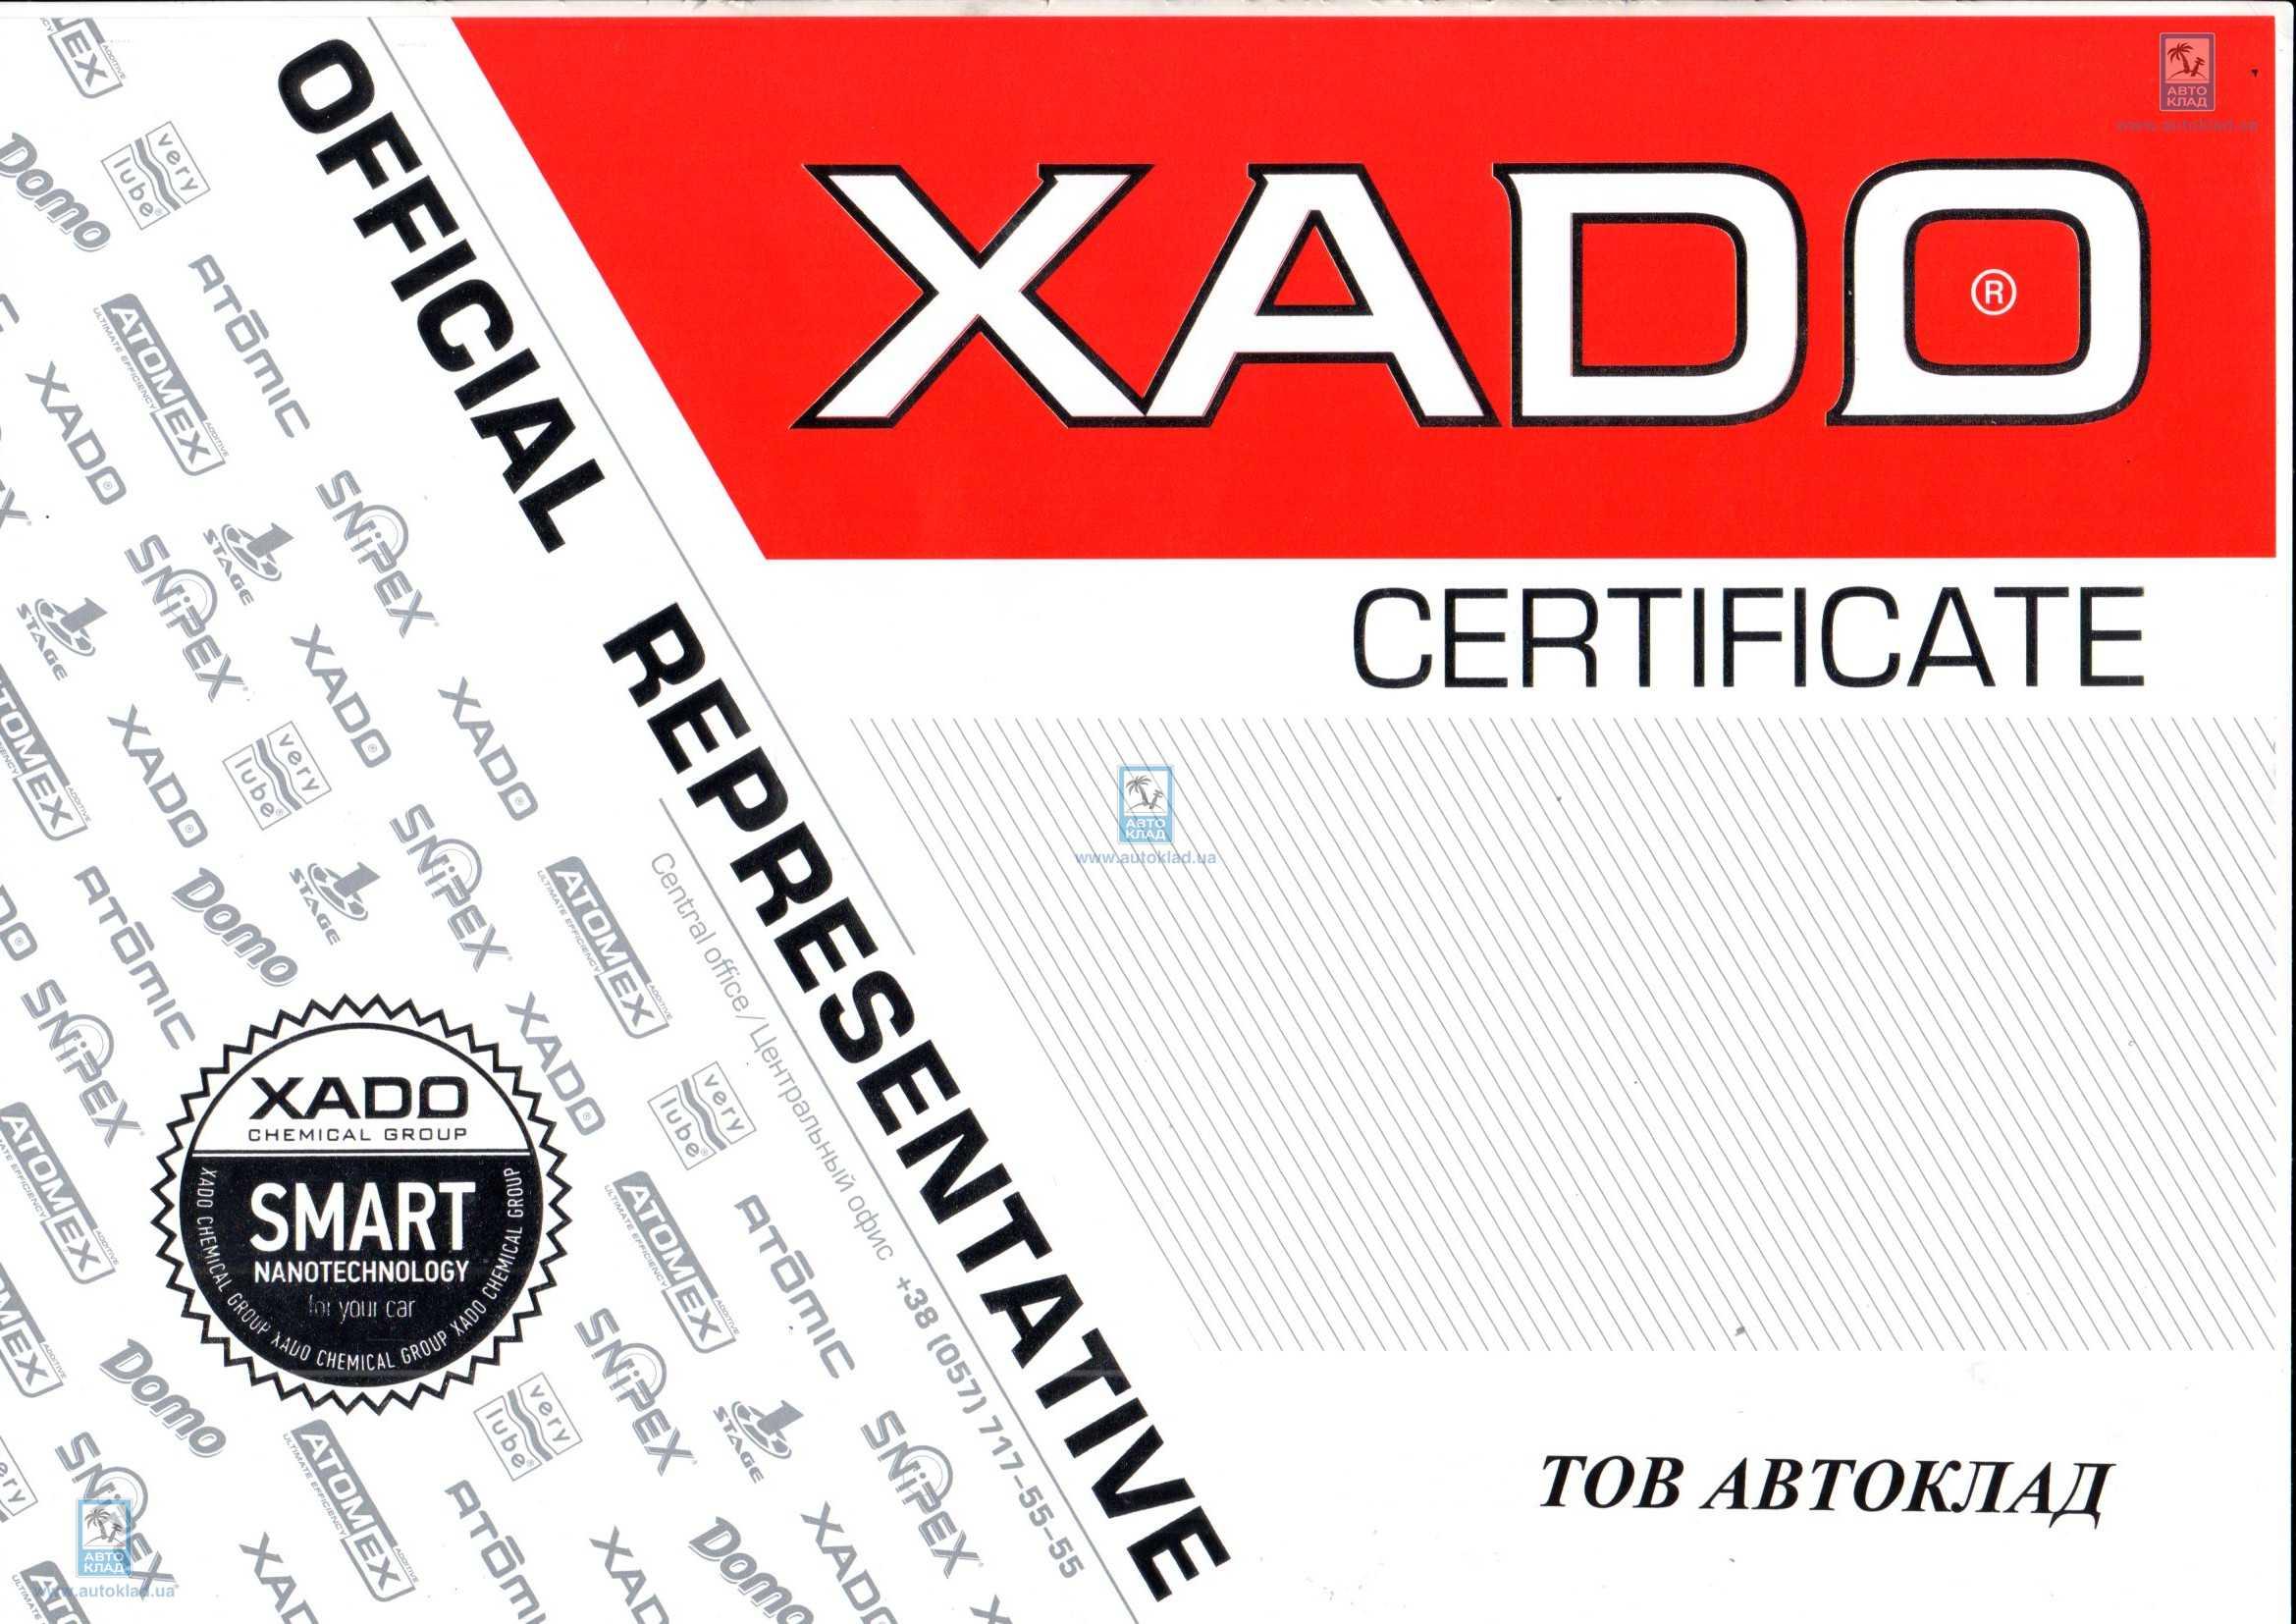 Шампунь Красный пингвин концентрат 1л XADO XB50407: описание